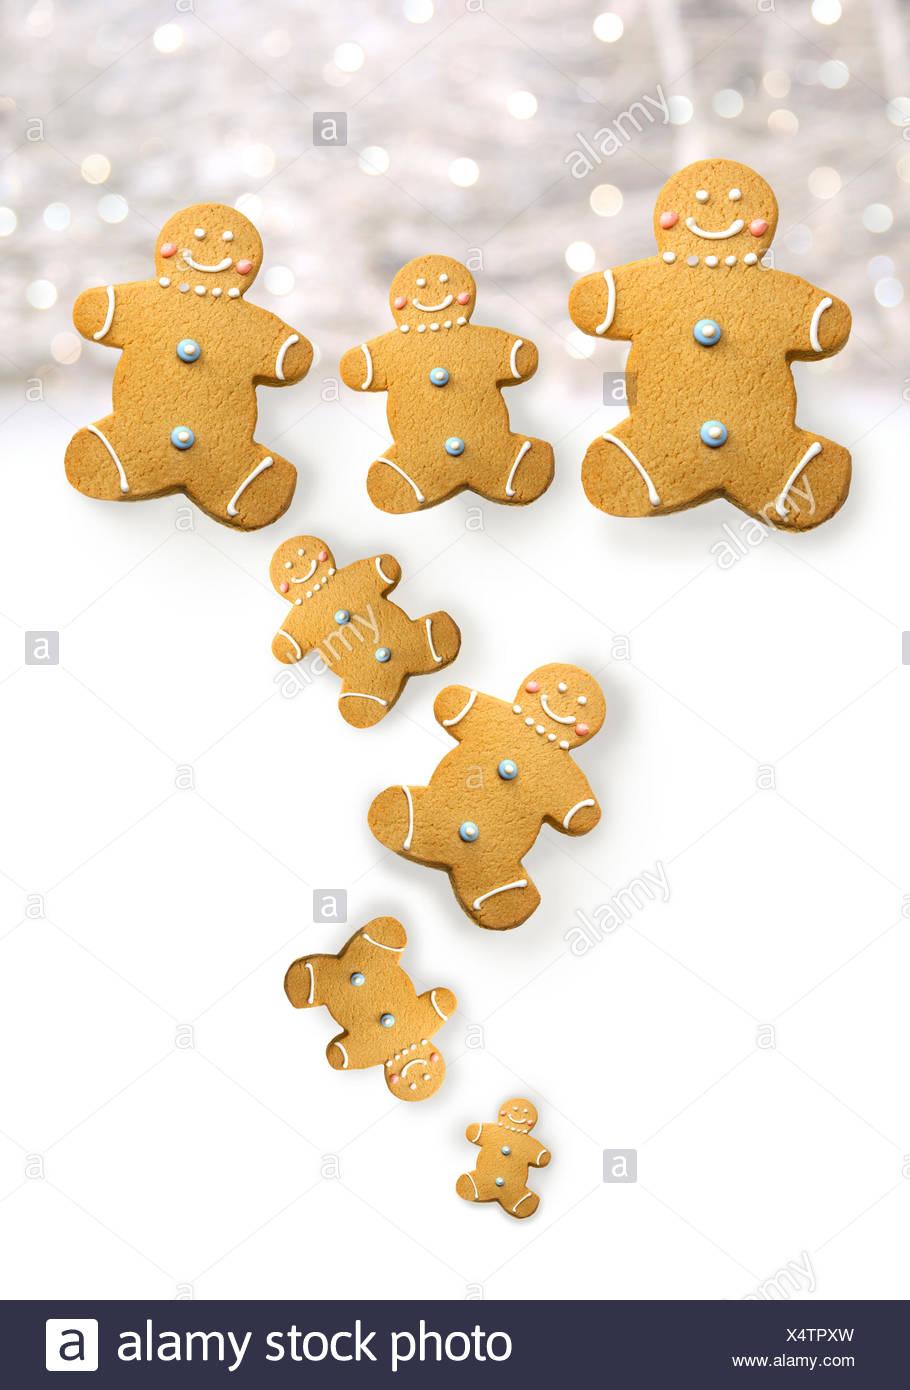 Gli uomini di panpepato cookie contro bianche scintillanti Immagini Stock